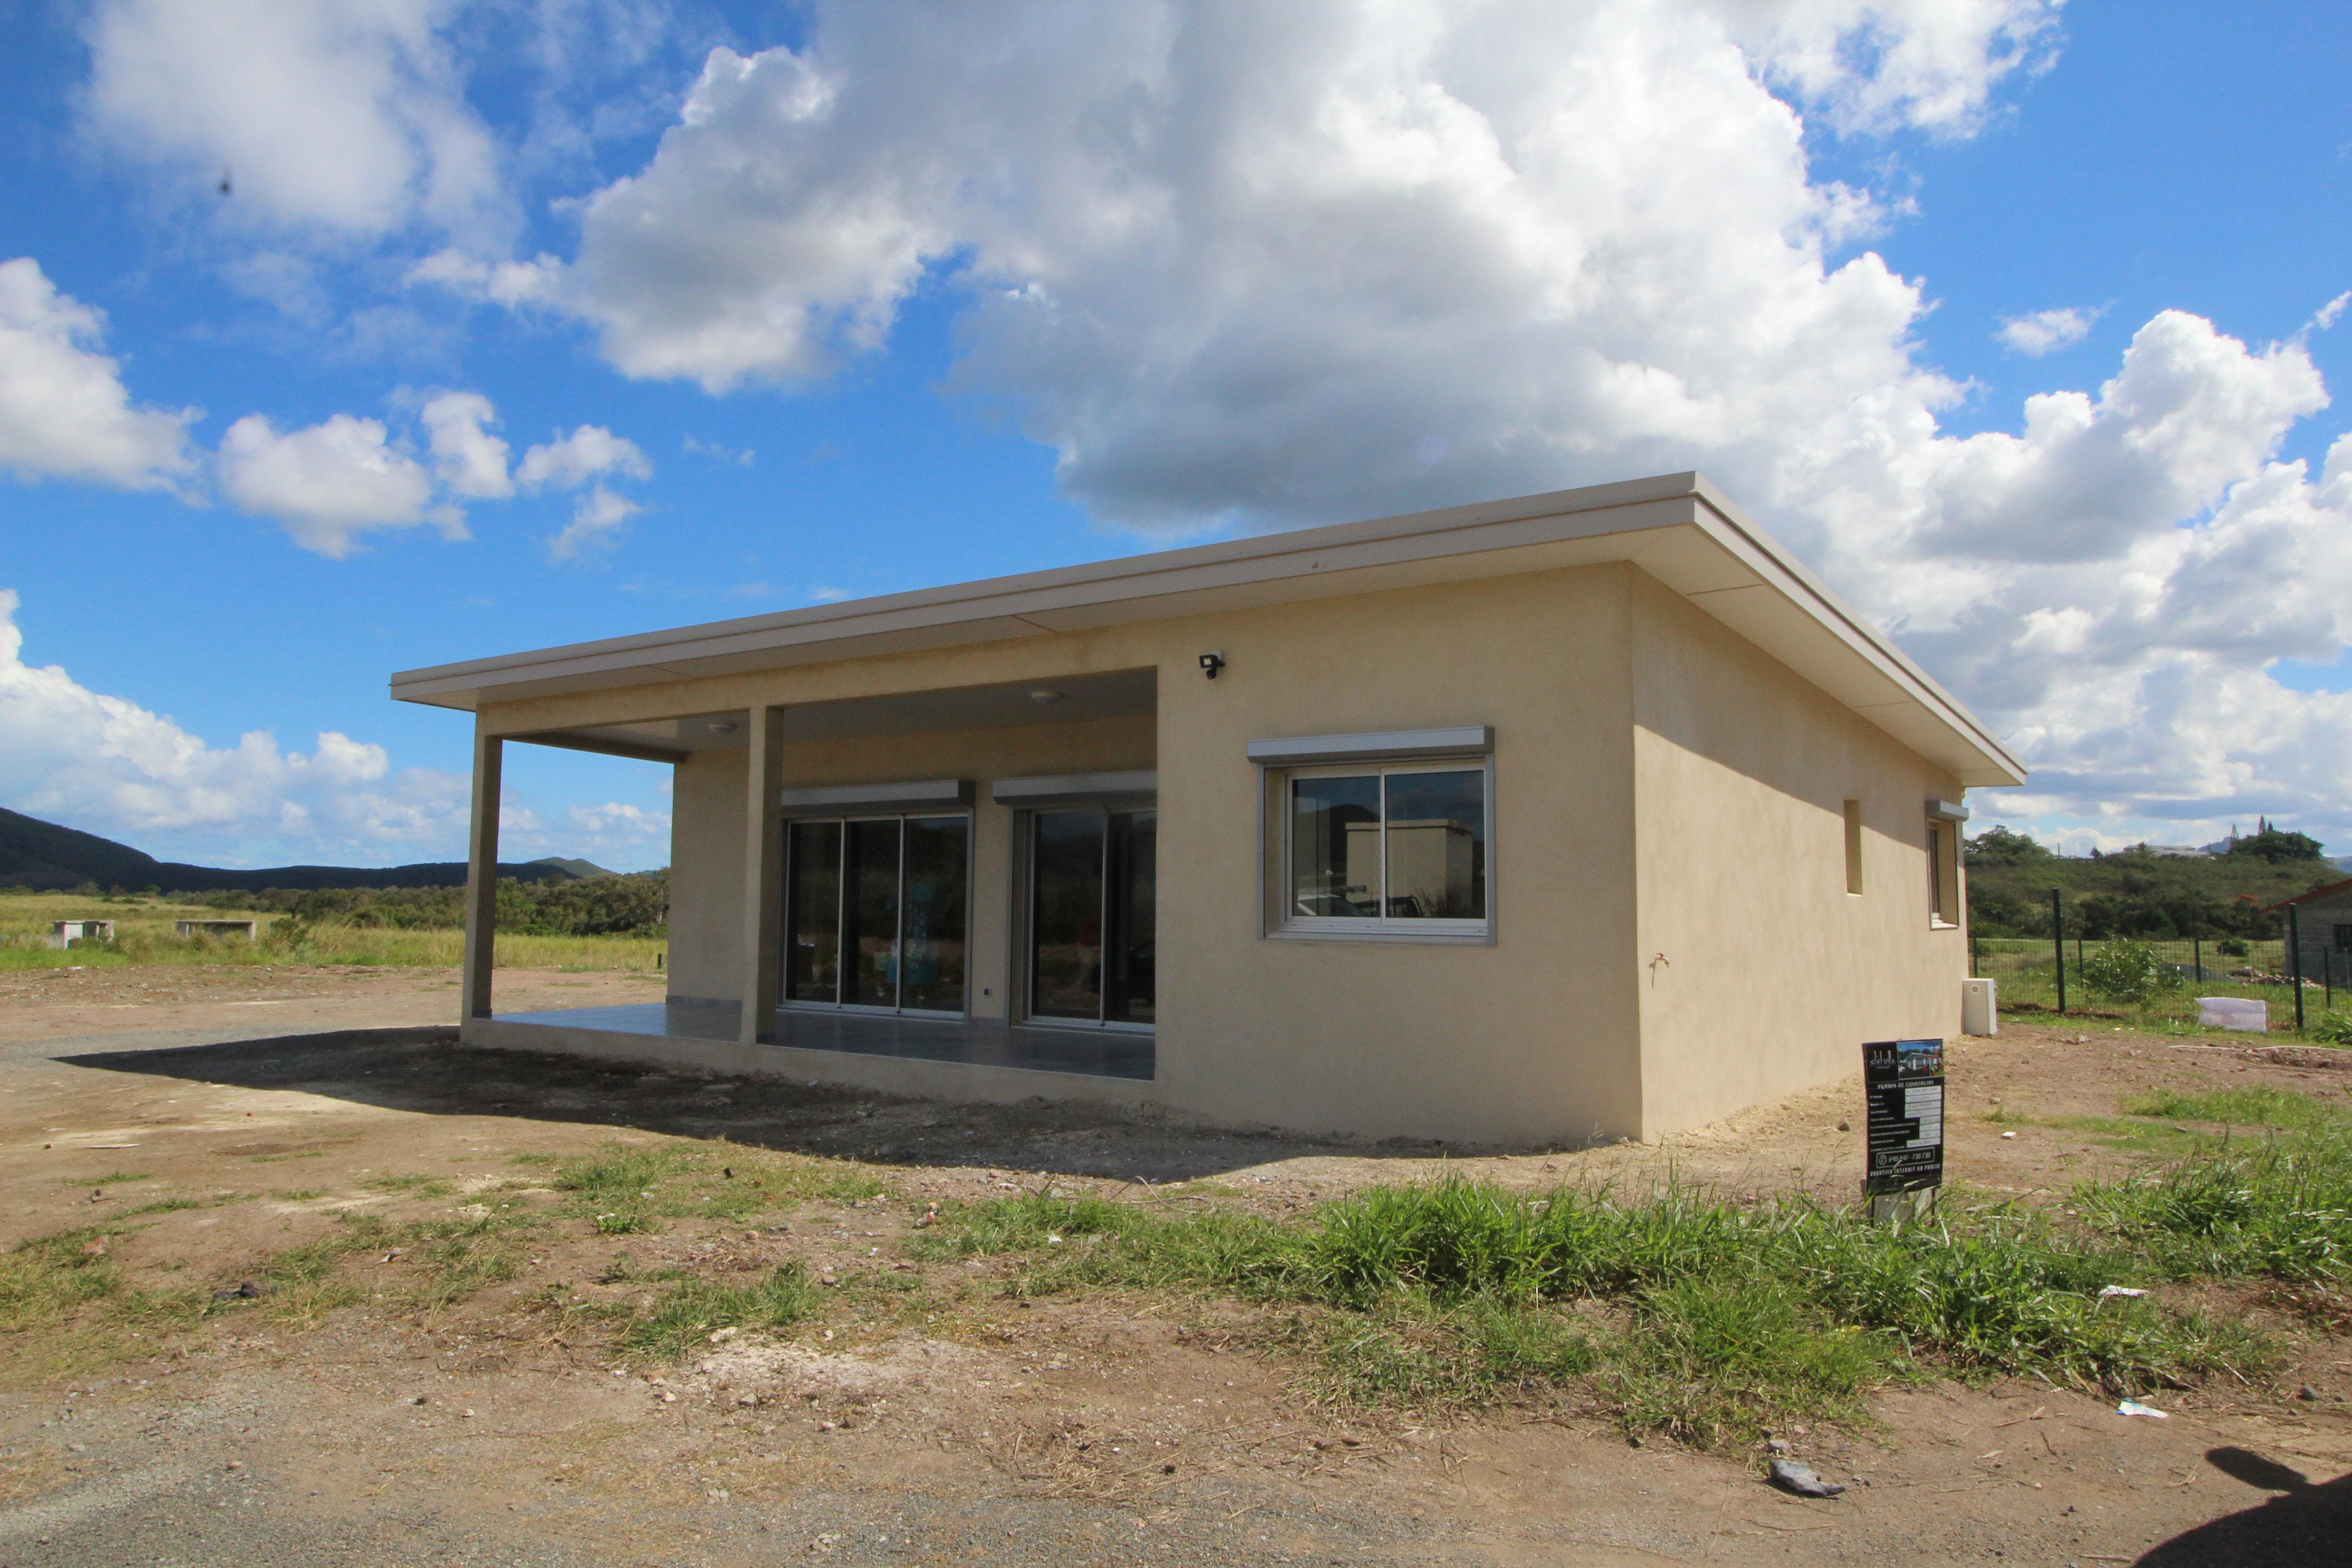 Constructeur maison individuelle noumea for Constructeur de maison individuelle nouvelle caledonie